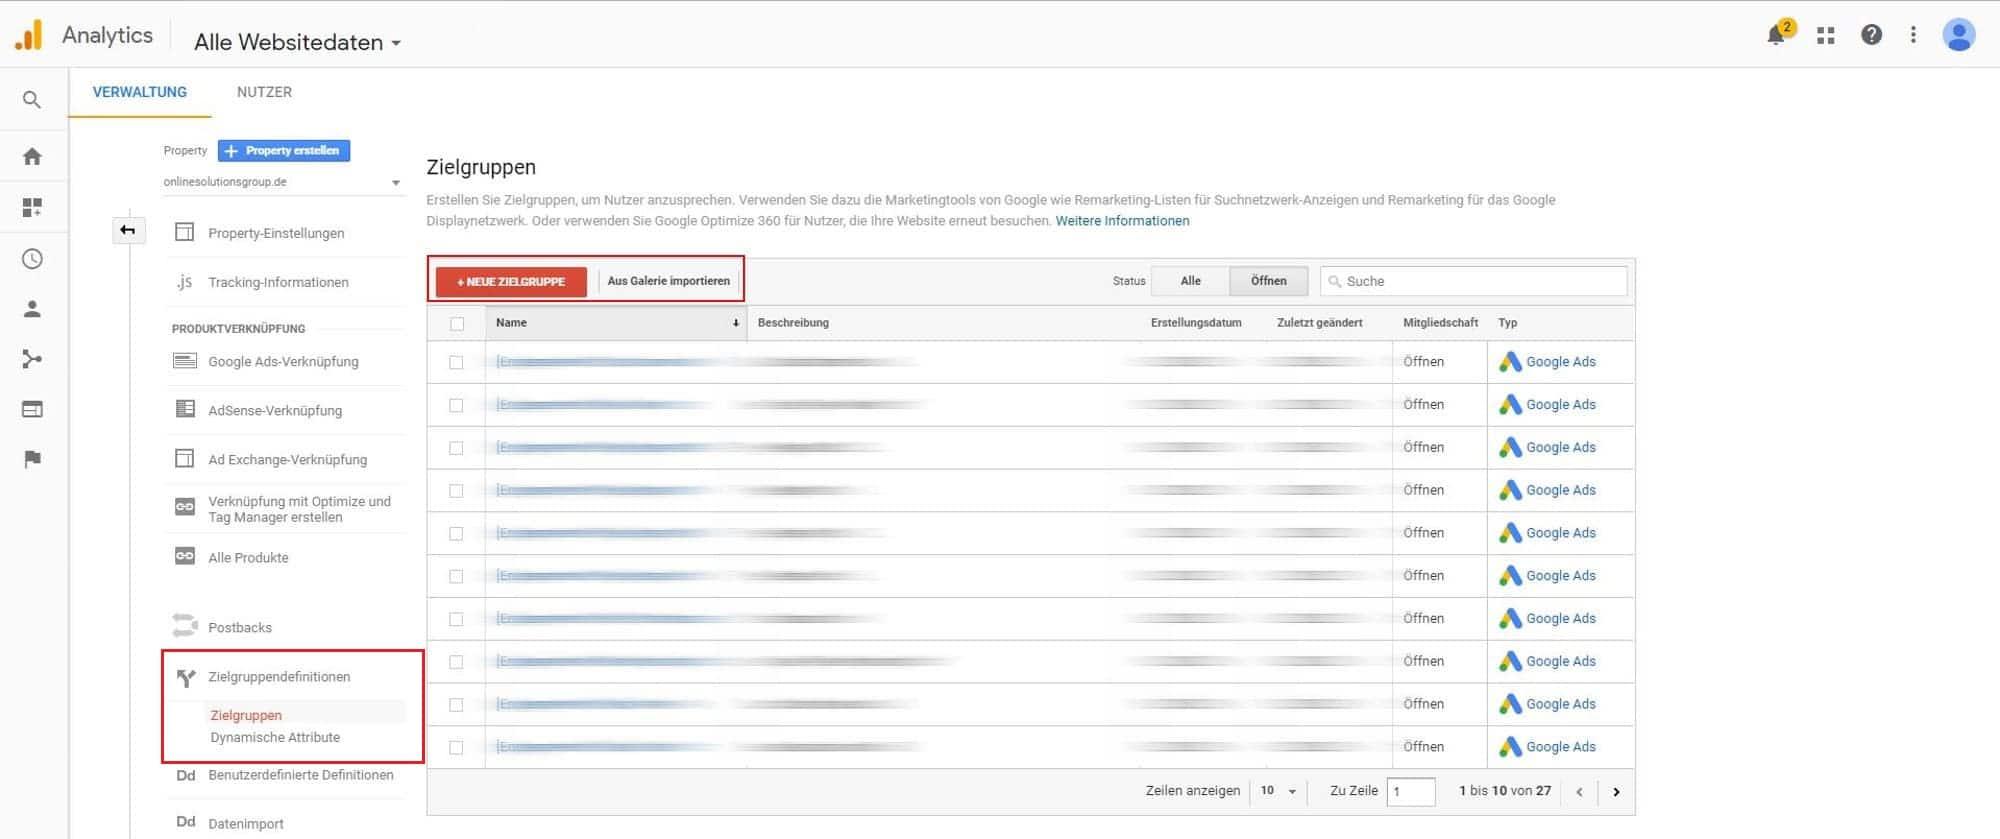 In Google Analytics können eigenen Remarketing Listen für RLSA Kampagnen erstellt werden. Außerdem ist es möglich vorgefertigte Listen zu importieren